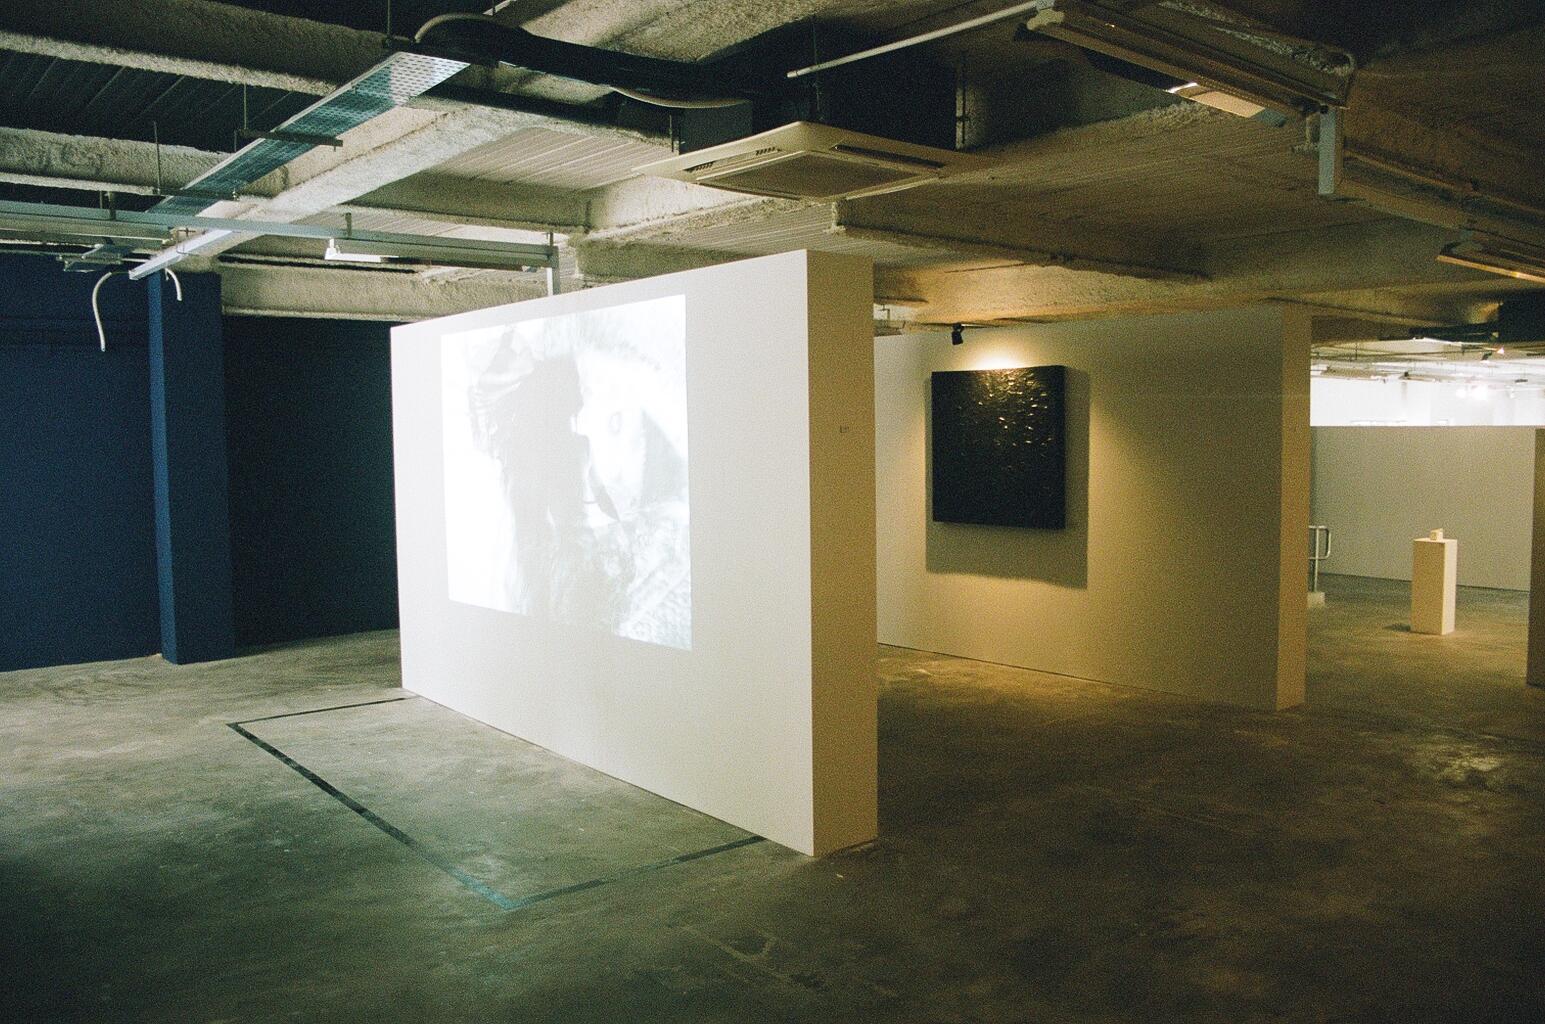 The .Wavs , Amanda Tan (Empyreal) 2018, Installation View